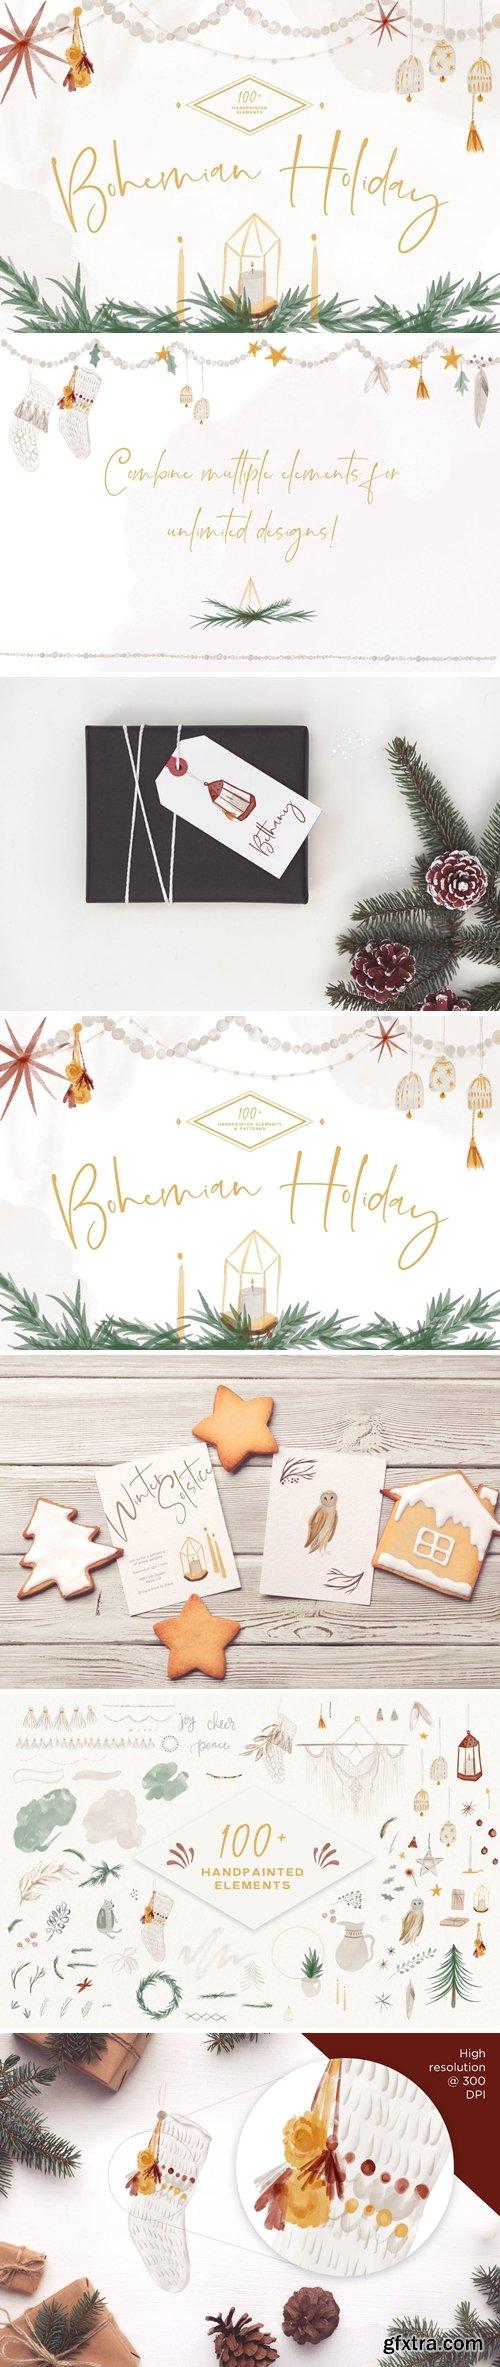 Boho Holiday Watercolor Kit